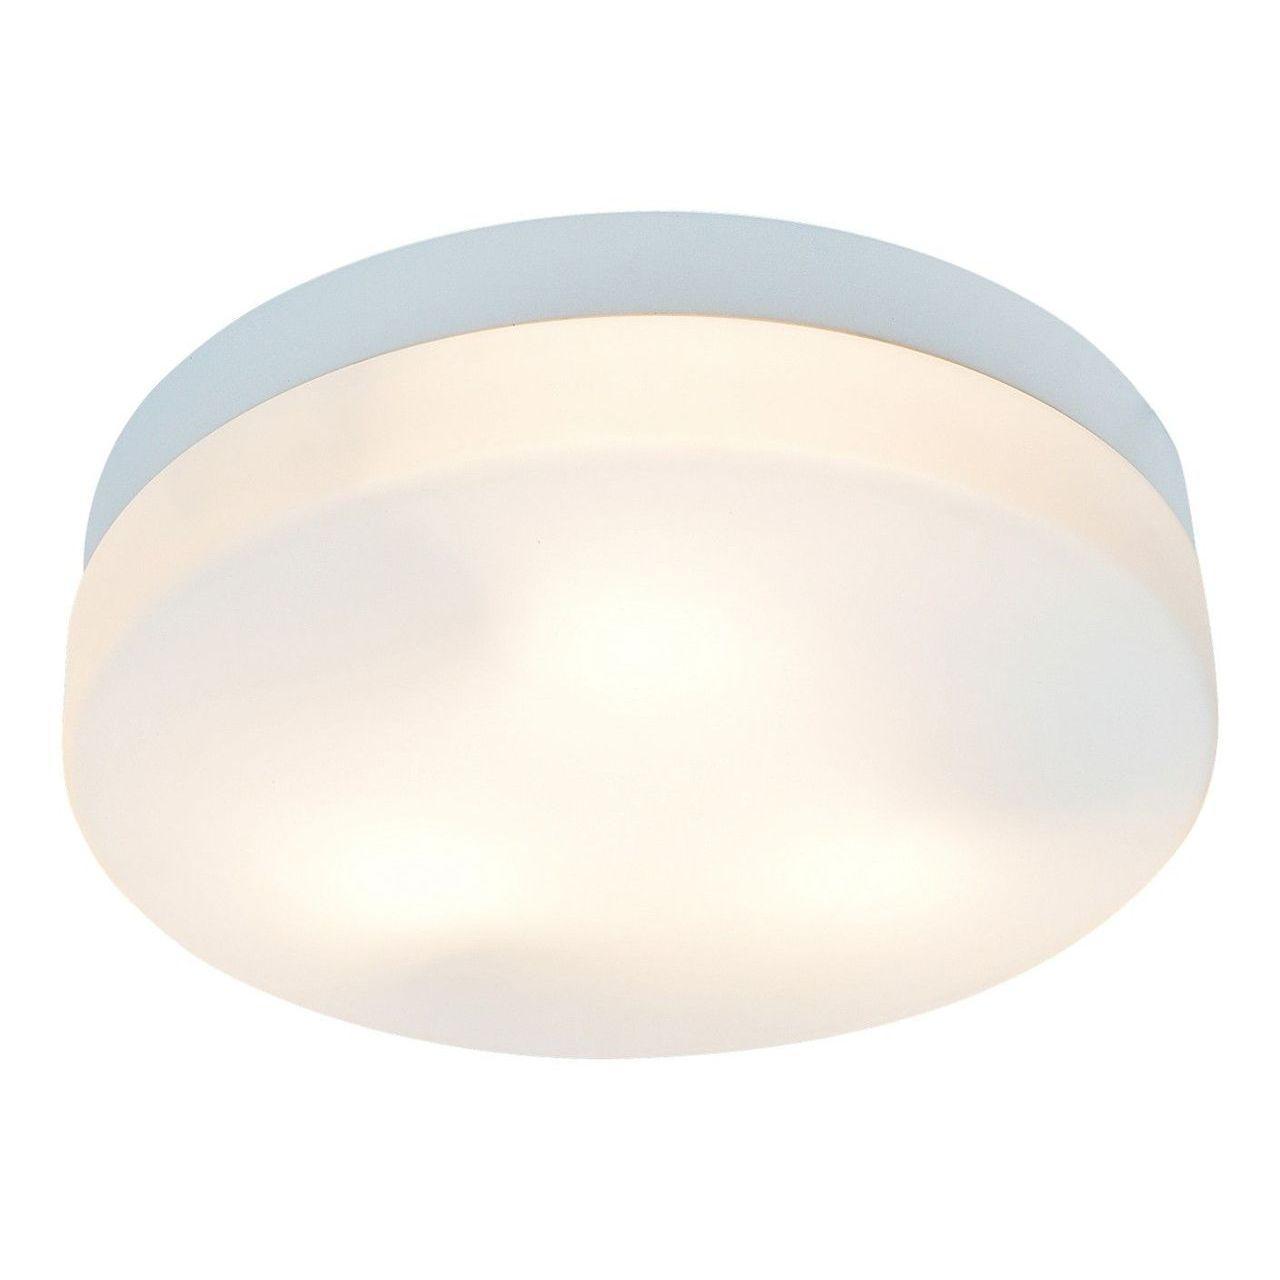 Потолочный светильник Arte Lamp Shirp A3211PL-3WH светильник потолочный arte lamp torta lux a7135pl 3wh 4650071252004